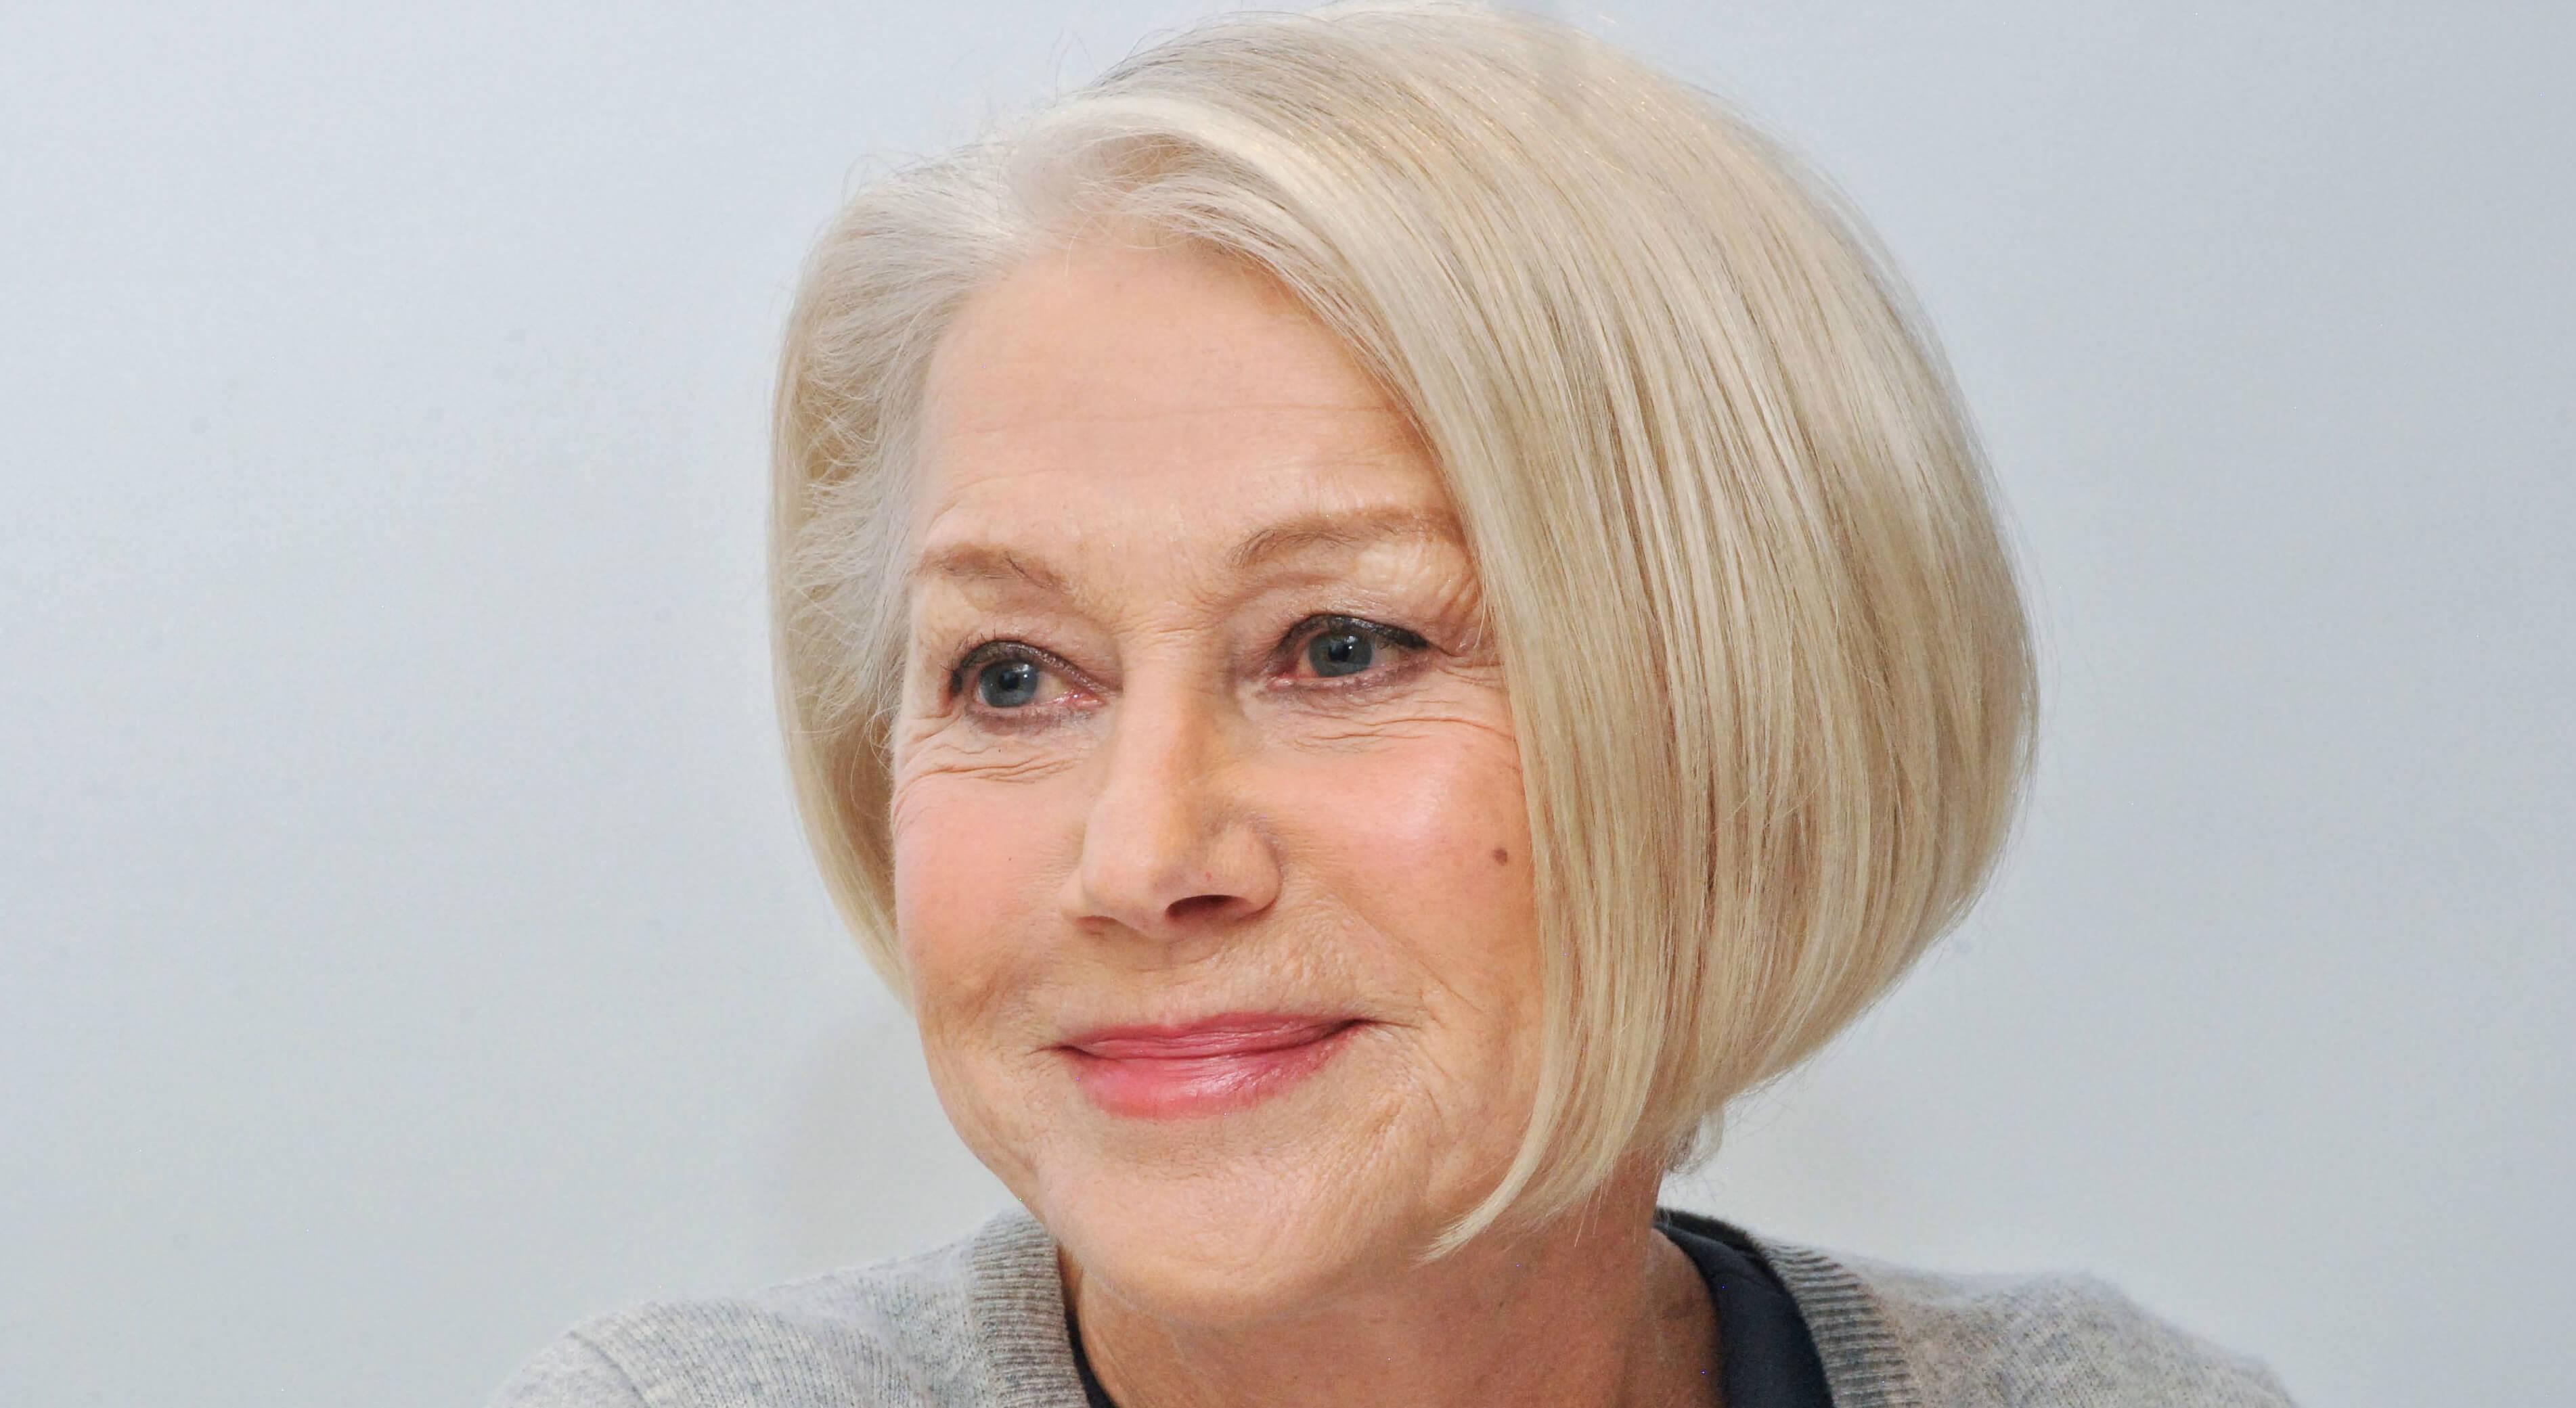 Helen Mirren beautiful grey hair